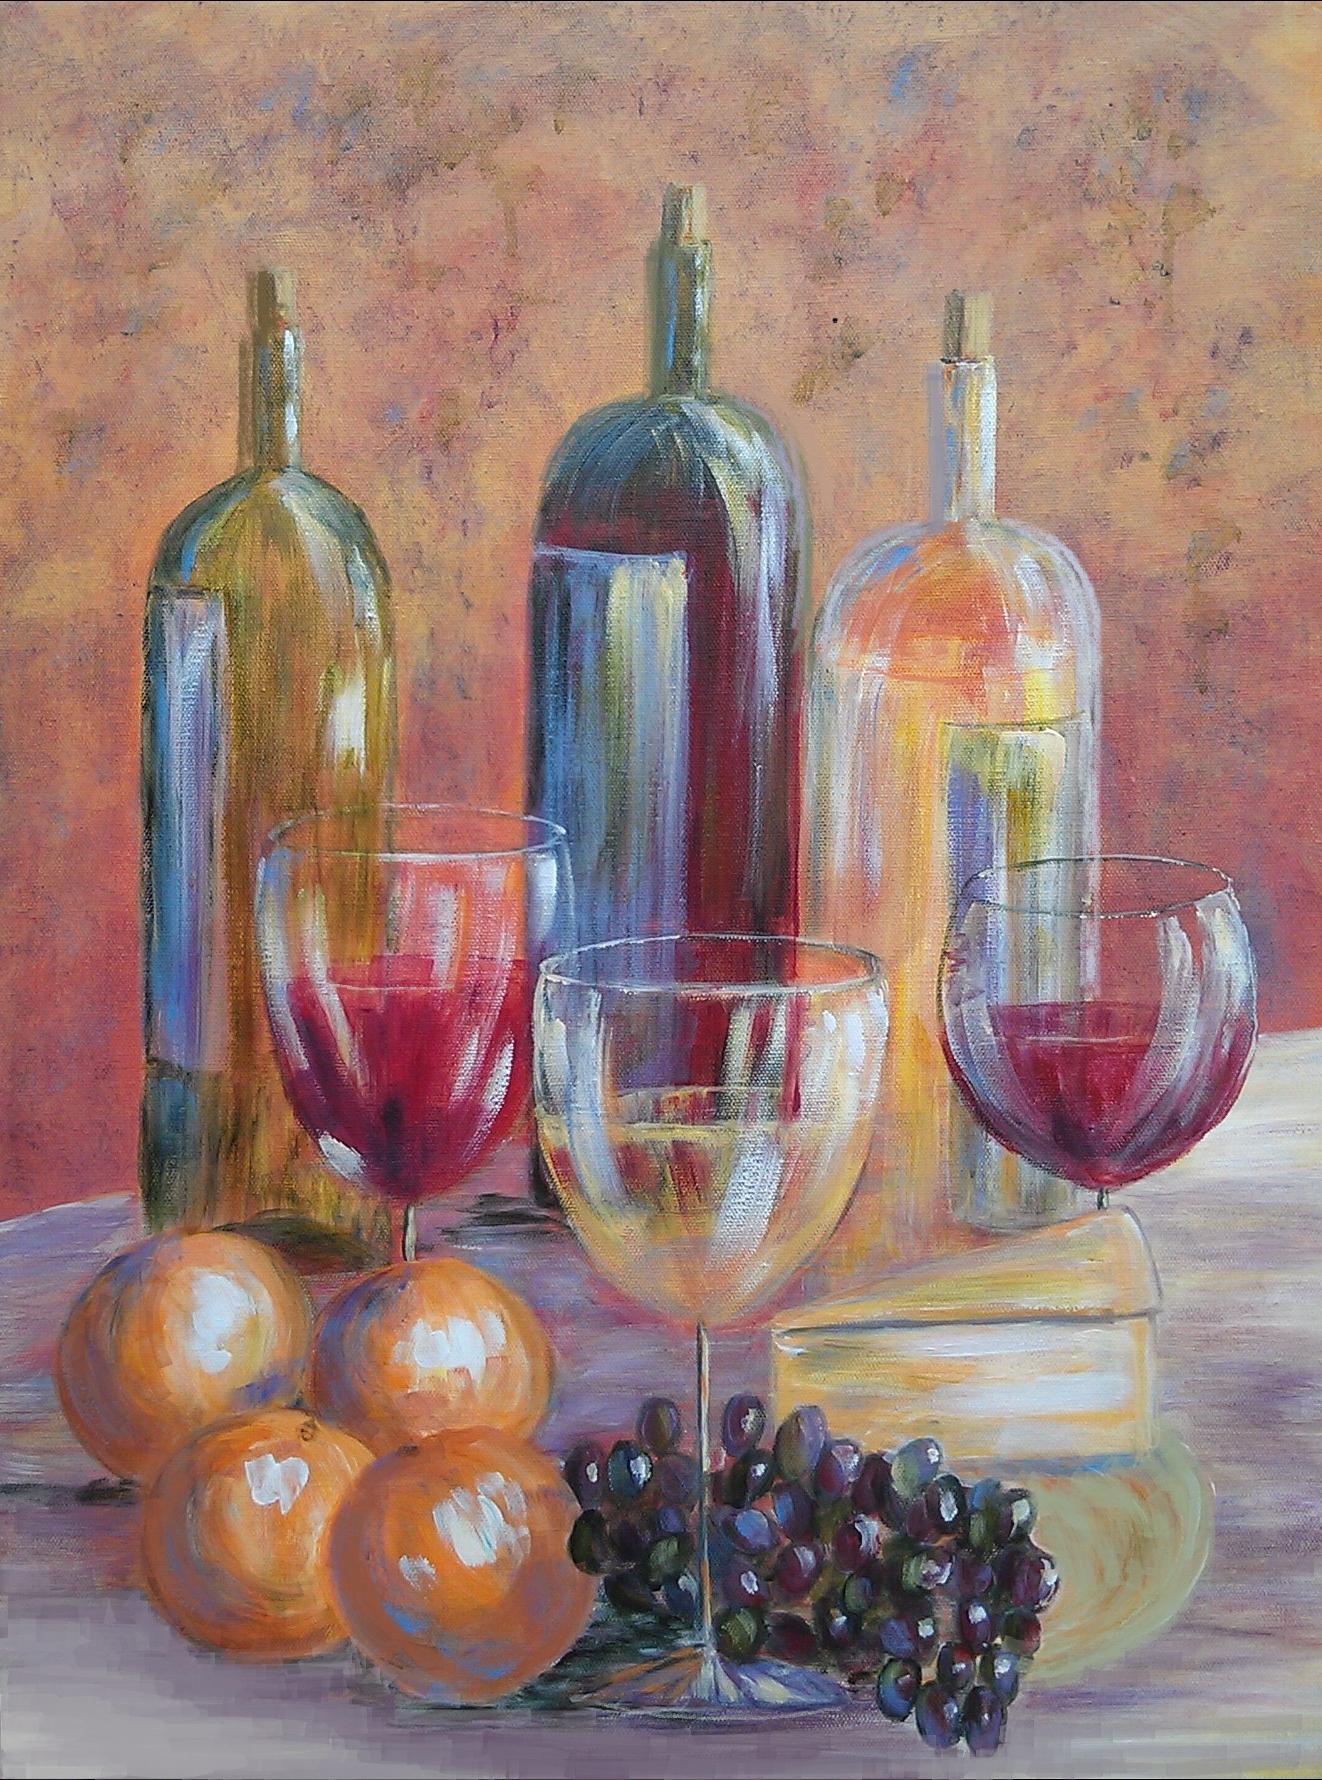 Wine Still life - Sold